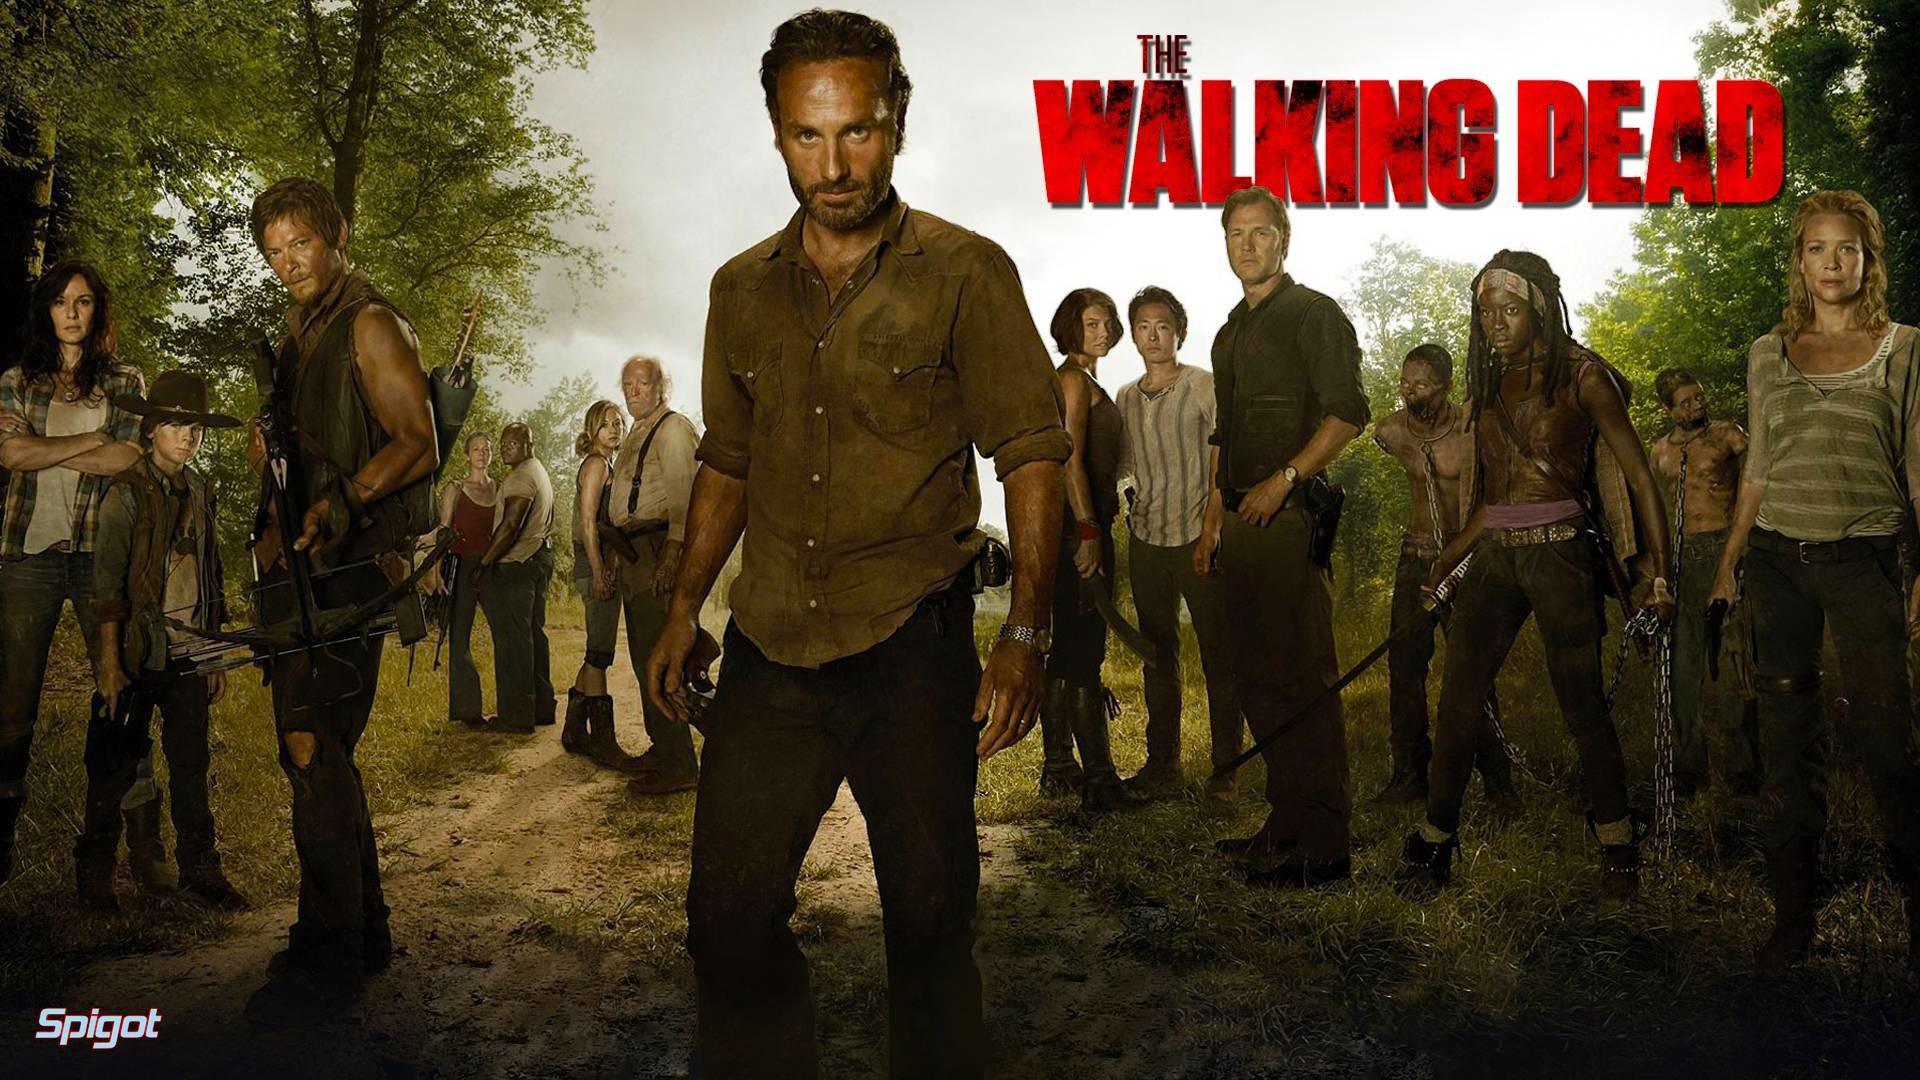 The Walking Dead Season 4 Wallpaper | Wallpaper Download